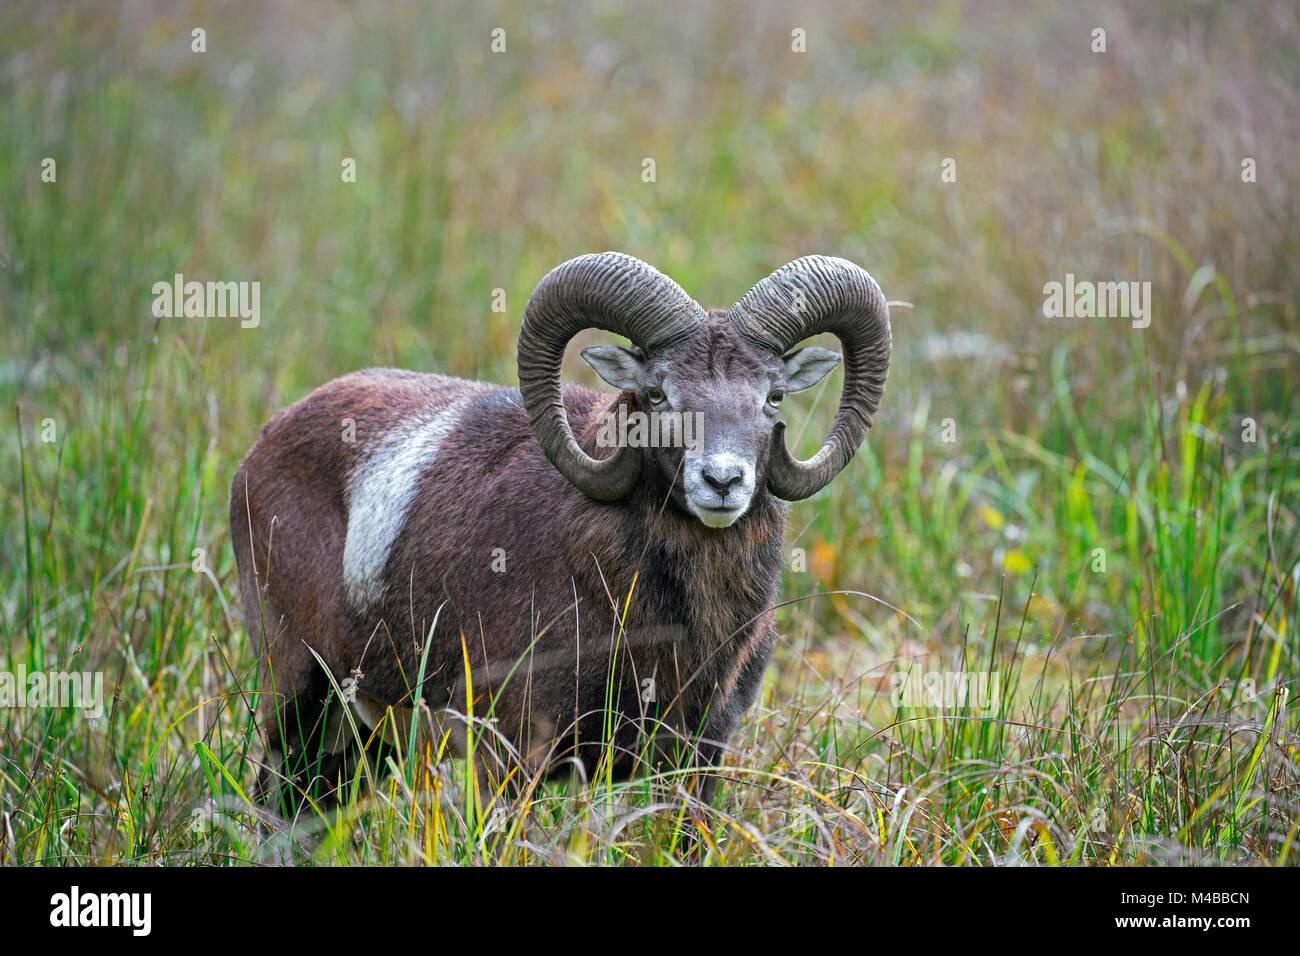 Muflone Europeo (Ovis gmelini musimon / Ovis ammon / Ovis orientalis musimon) di RAM con grandi corna nella prateria Immagini Stock